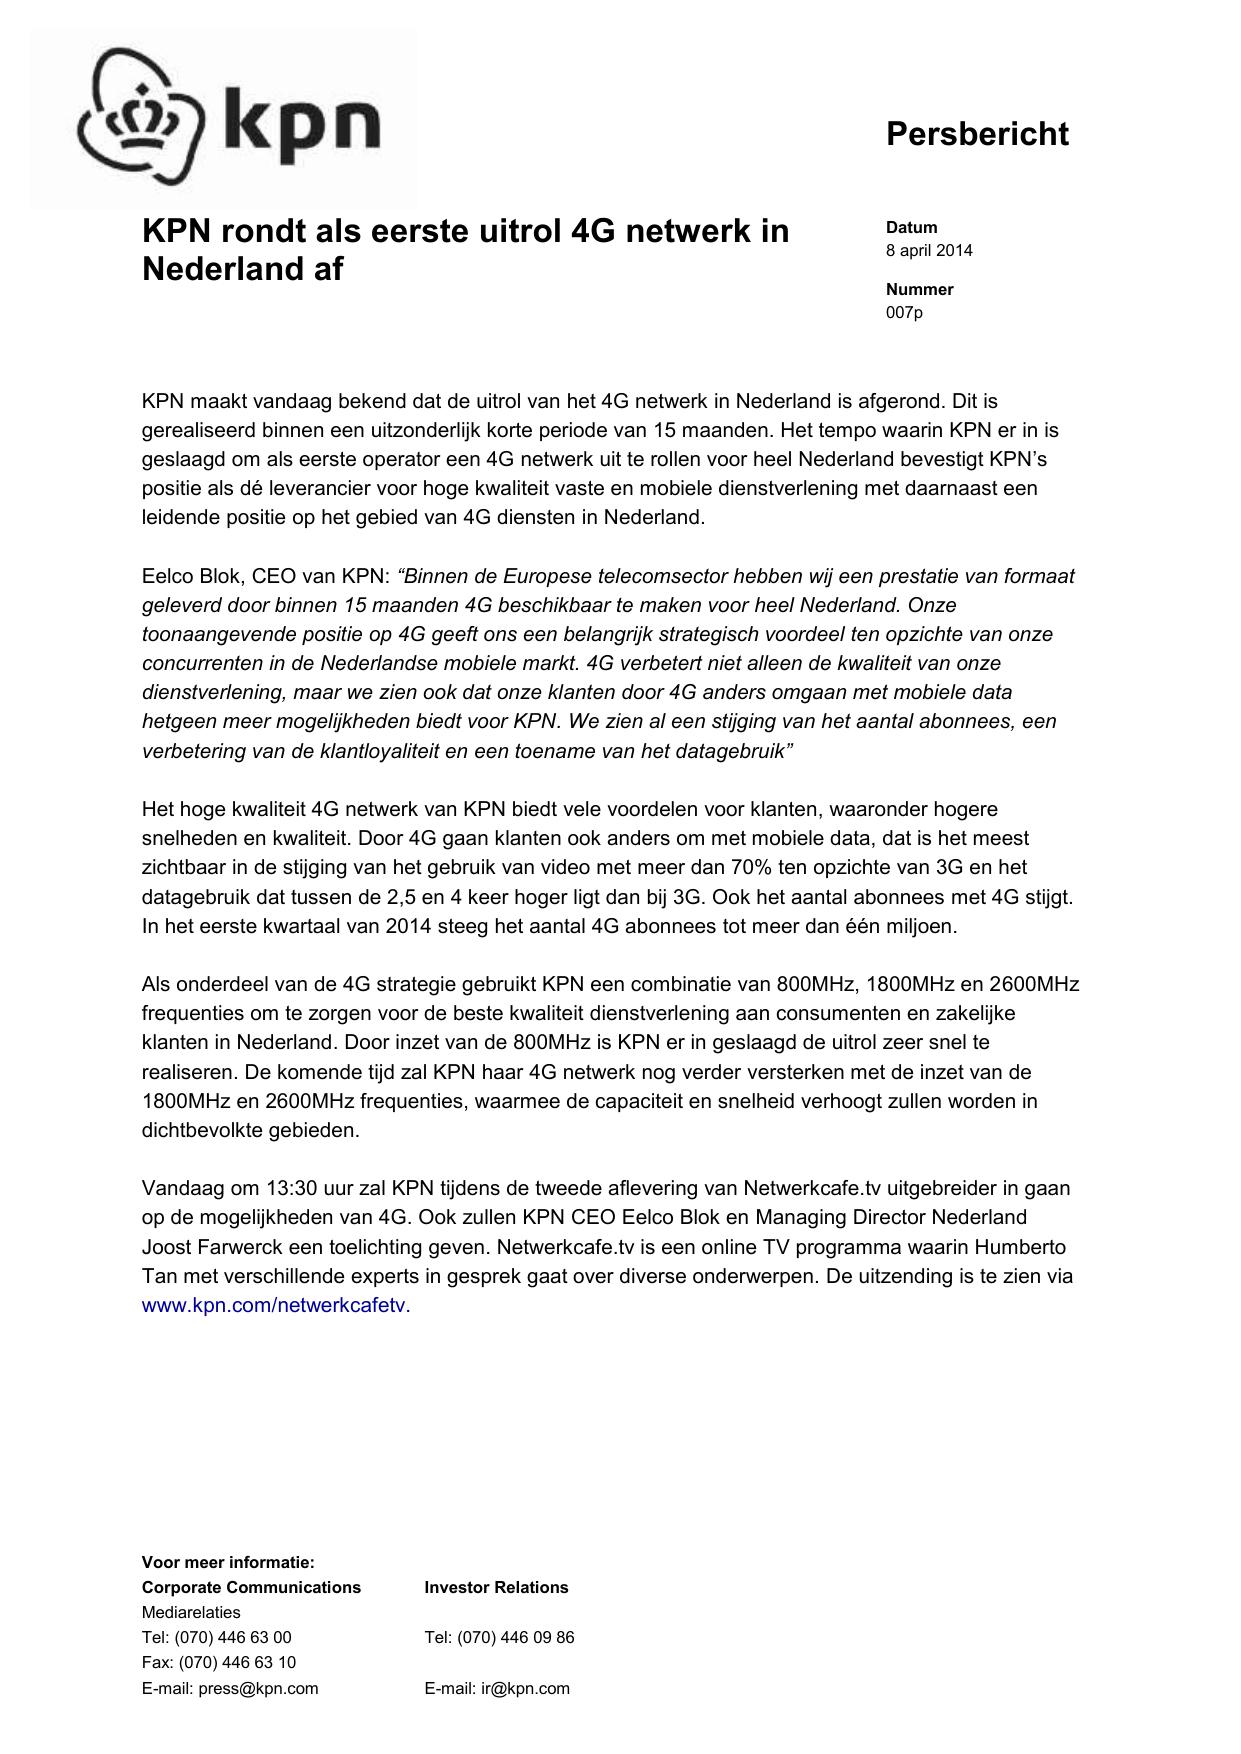 daf27af0567898 Persbericht KPN rondt als eerste uitrol 4G netwerk in Nederland af Datum 8  april 2014 Nummer 007p KPN maakt vandaag bekend dat de uitrol van het 4G  netwerk ...